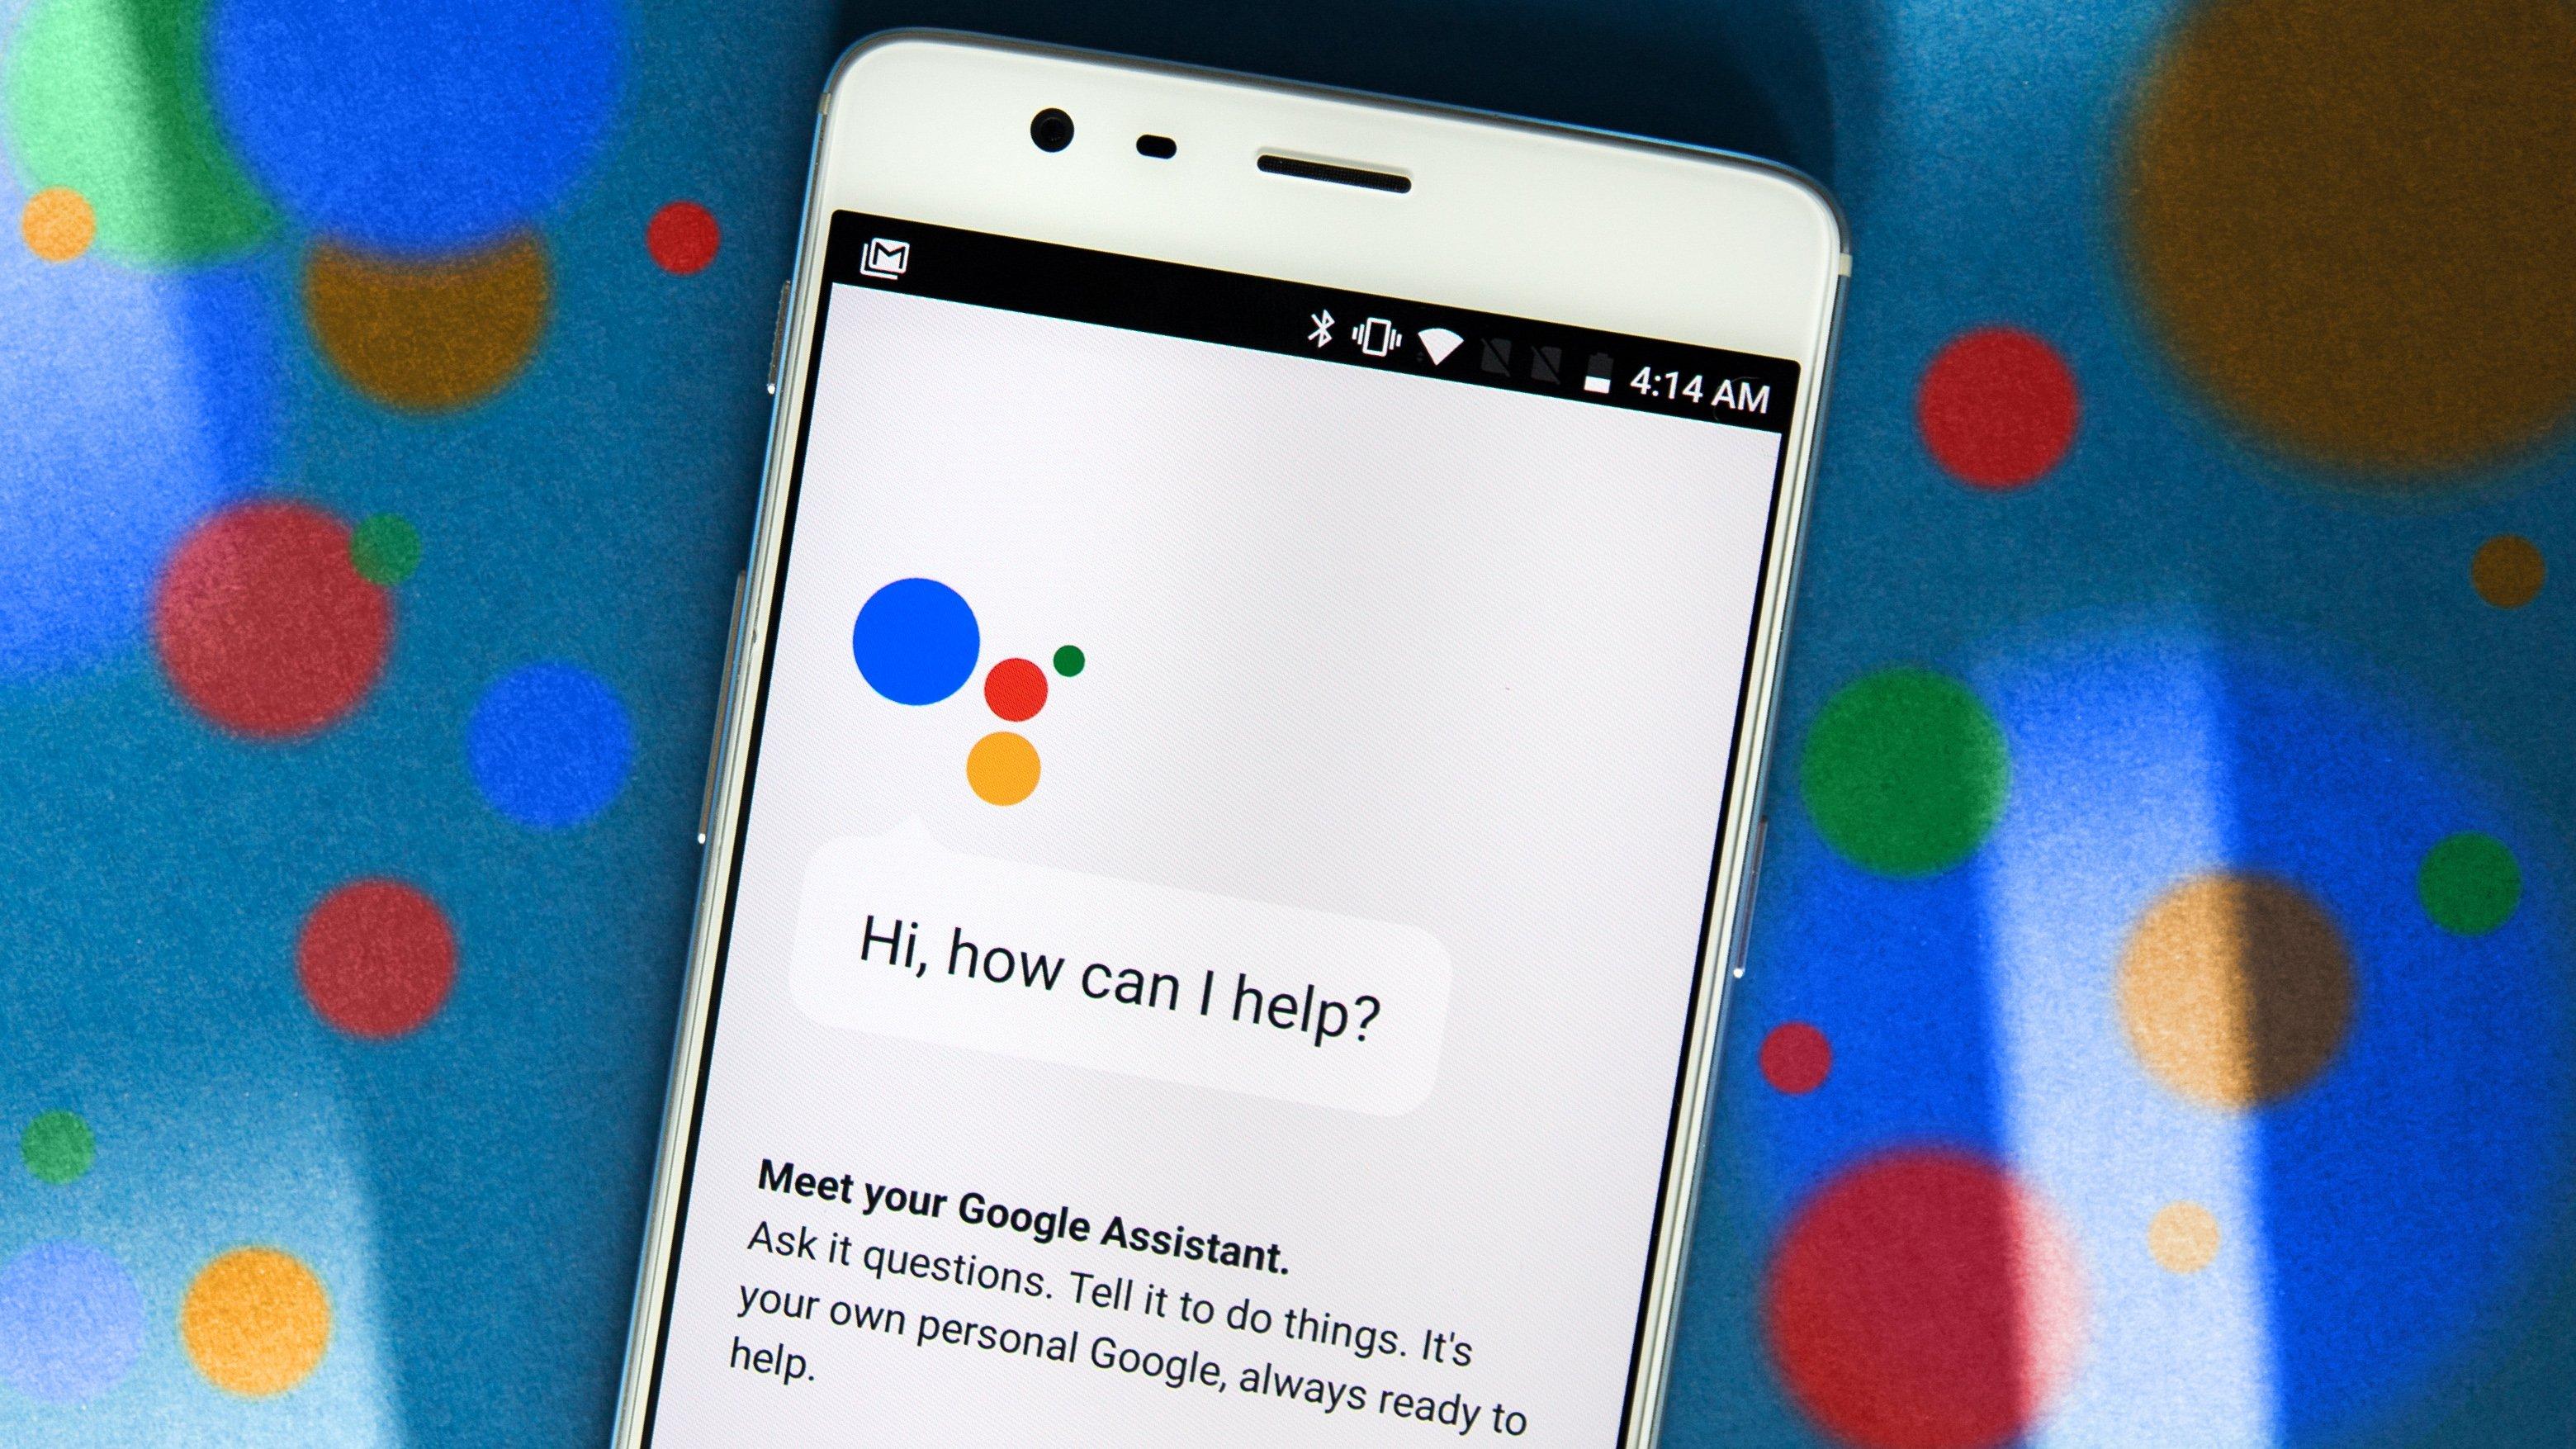 Google Assistant_что это и как он работает - виртуальный помощник на смартфоне